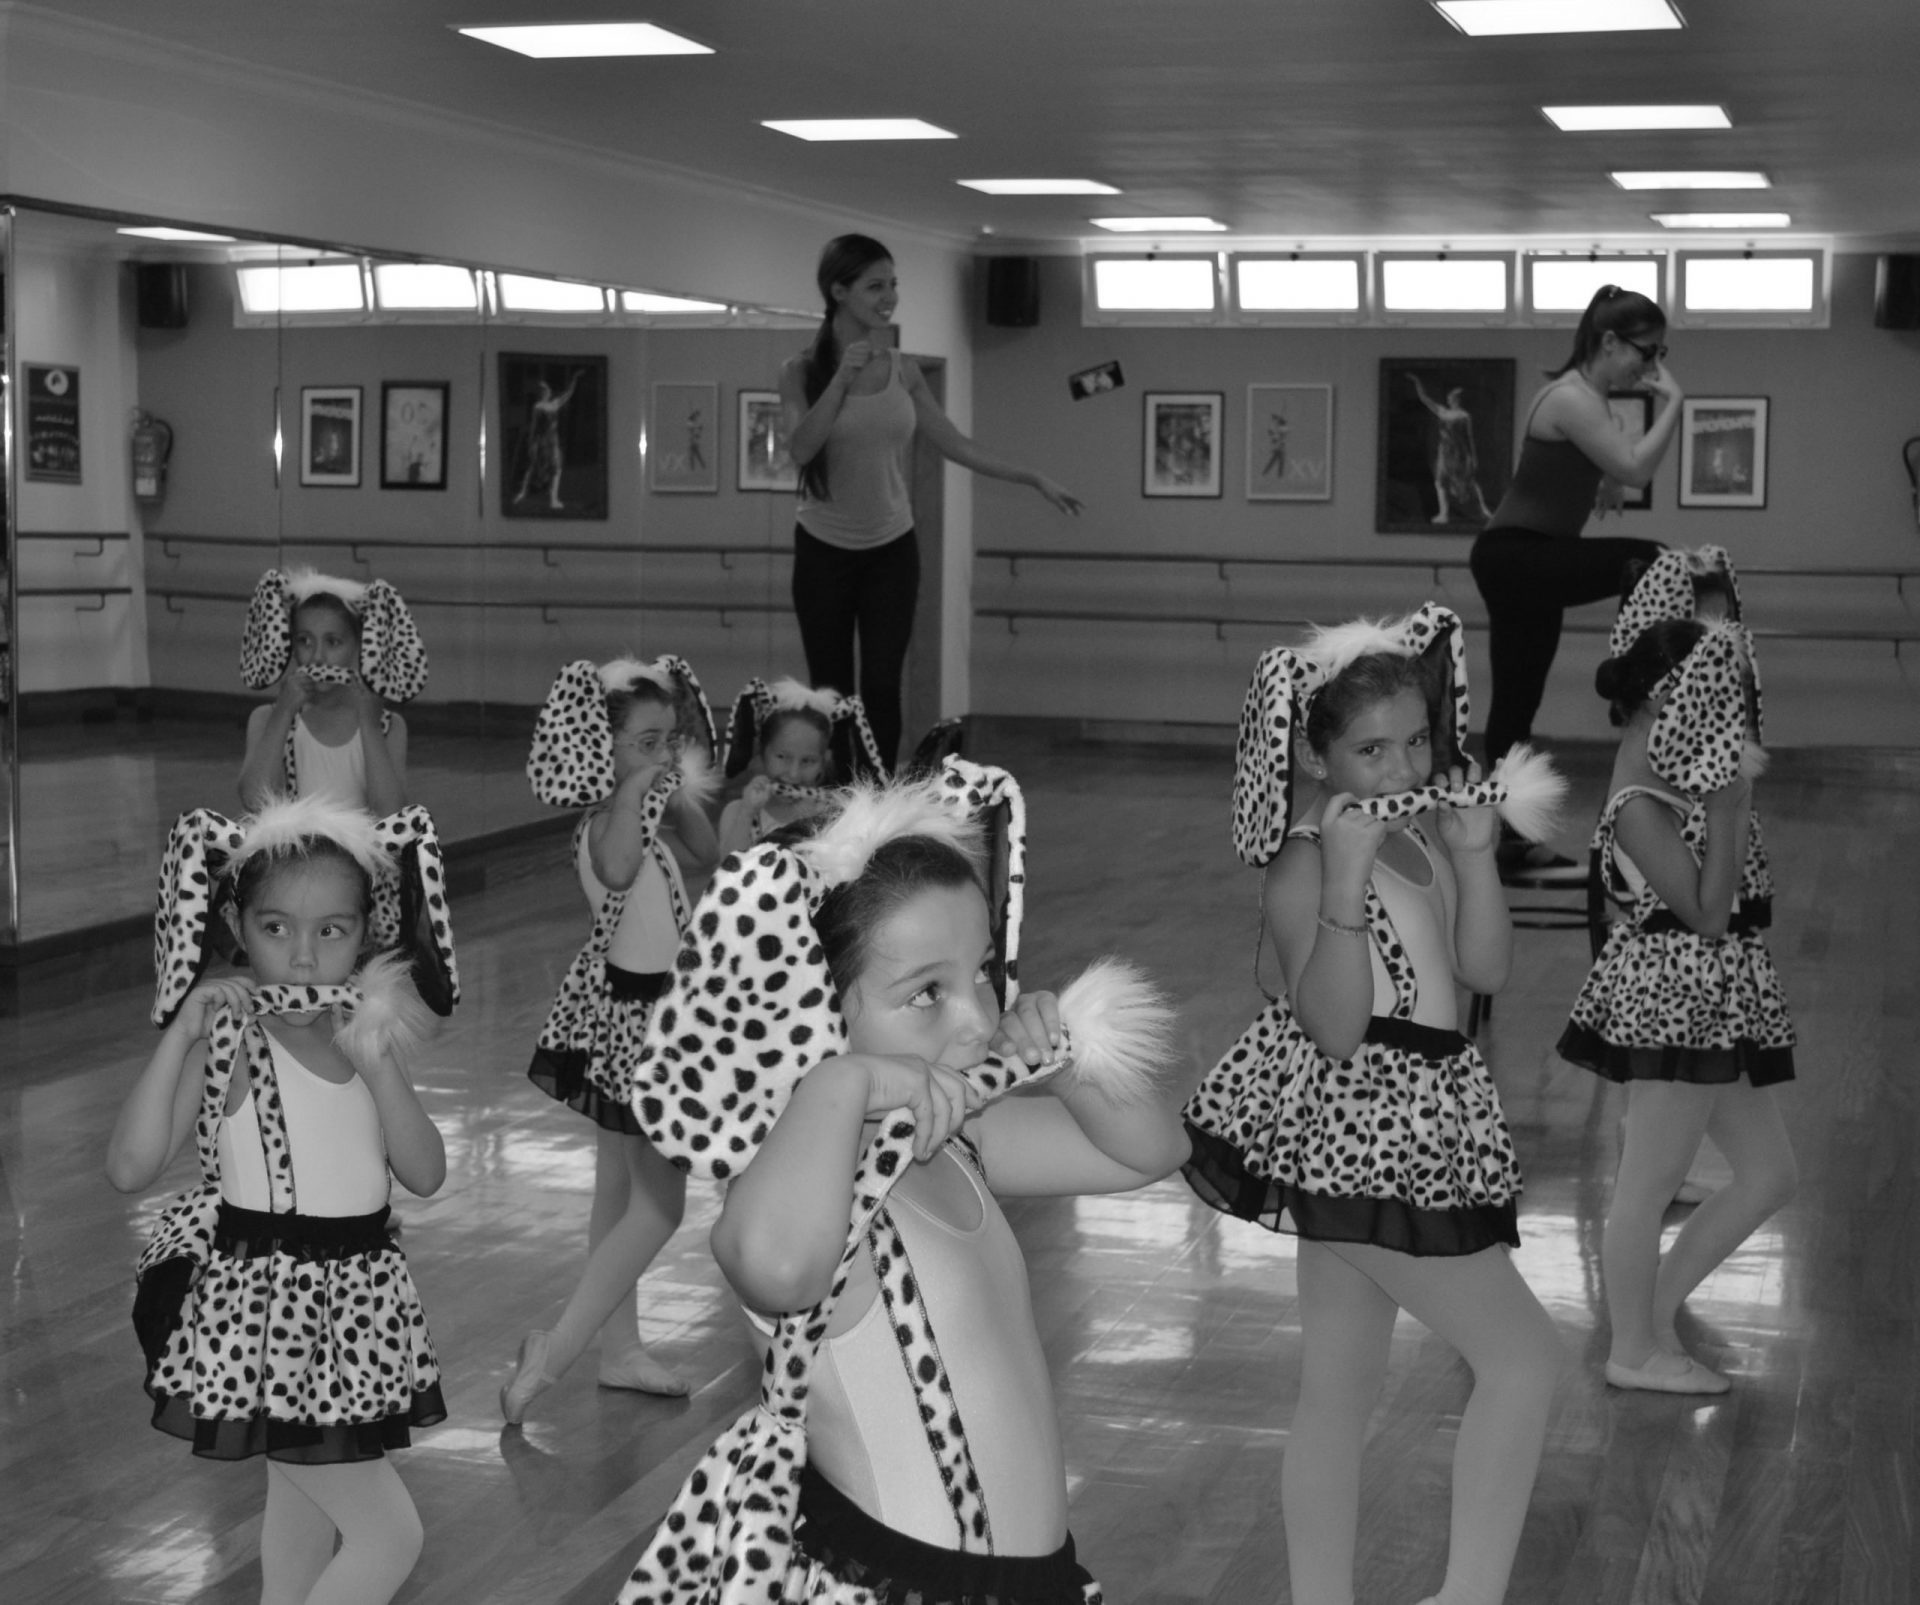 Foto de un grupo de alumnas de Predanza II de 6 años, vestidas de dámatas con una diadema con enormes orejitas y que, con una pose sexy se muerden el rabito que sale de sus faldas. Están en un ensayo del Centro de Danza Sandra Santa Cruz para los espectáculos para diciembre.